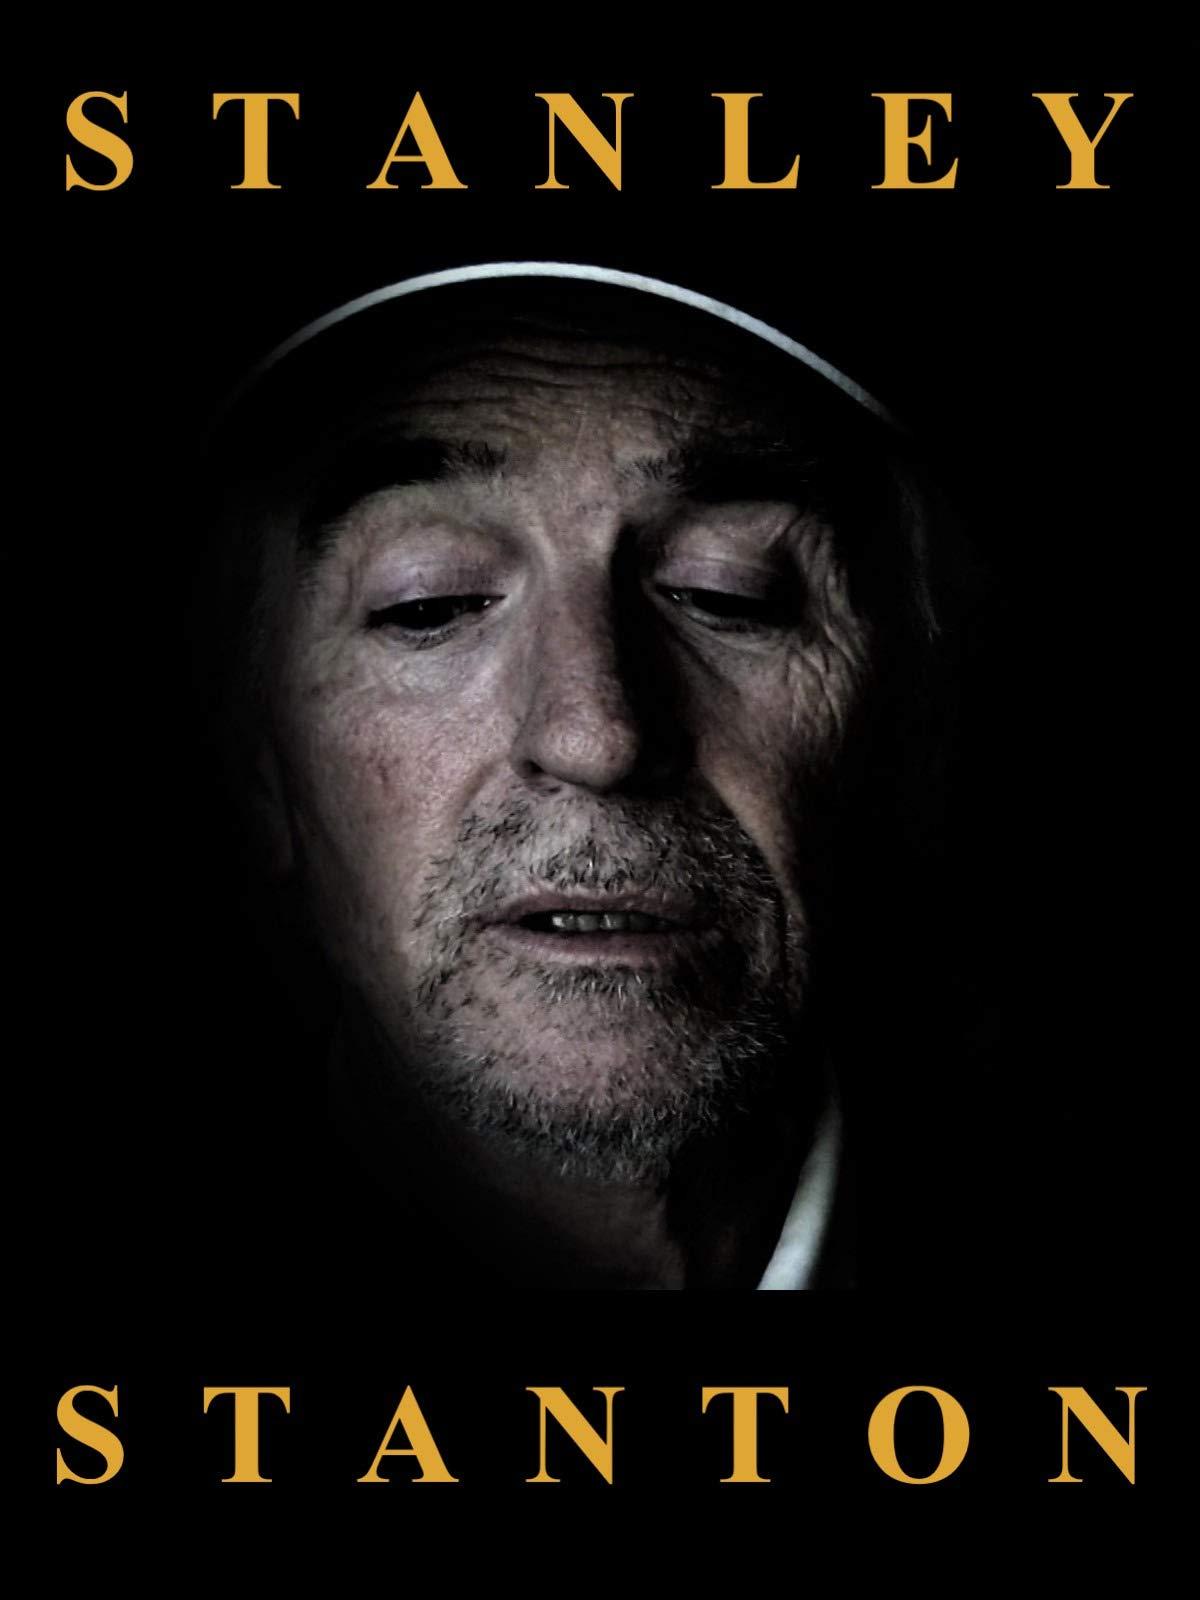 Stanley Stanton on Amazon Prime Video UK